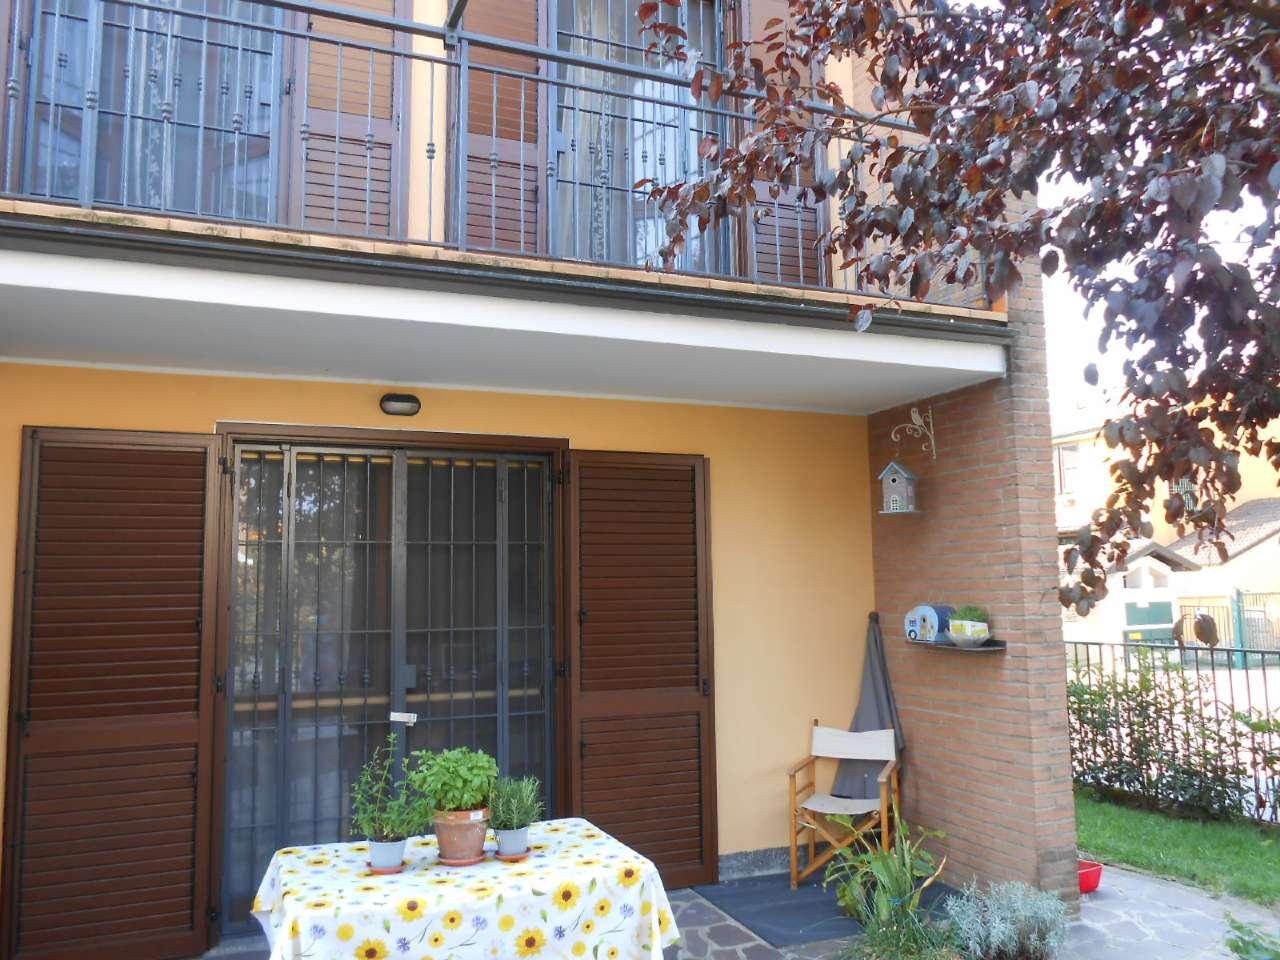 Villa in vendita a Tribiano, 5 locali, prezzo € 325.000 | PortaleAgenzieImmobiliari.it